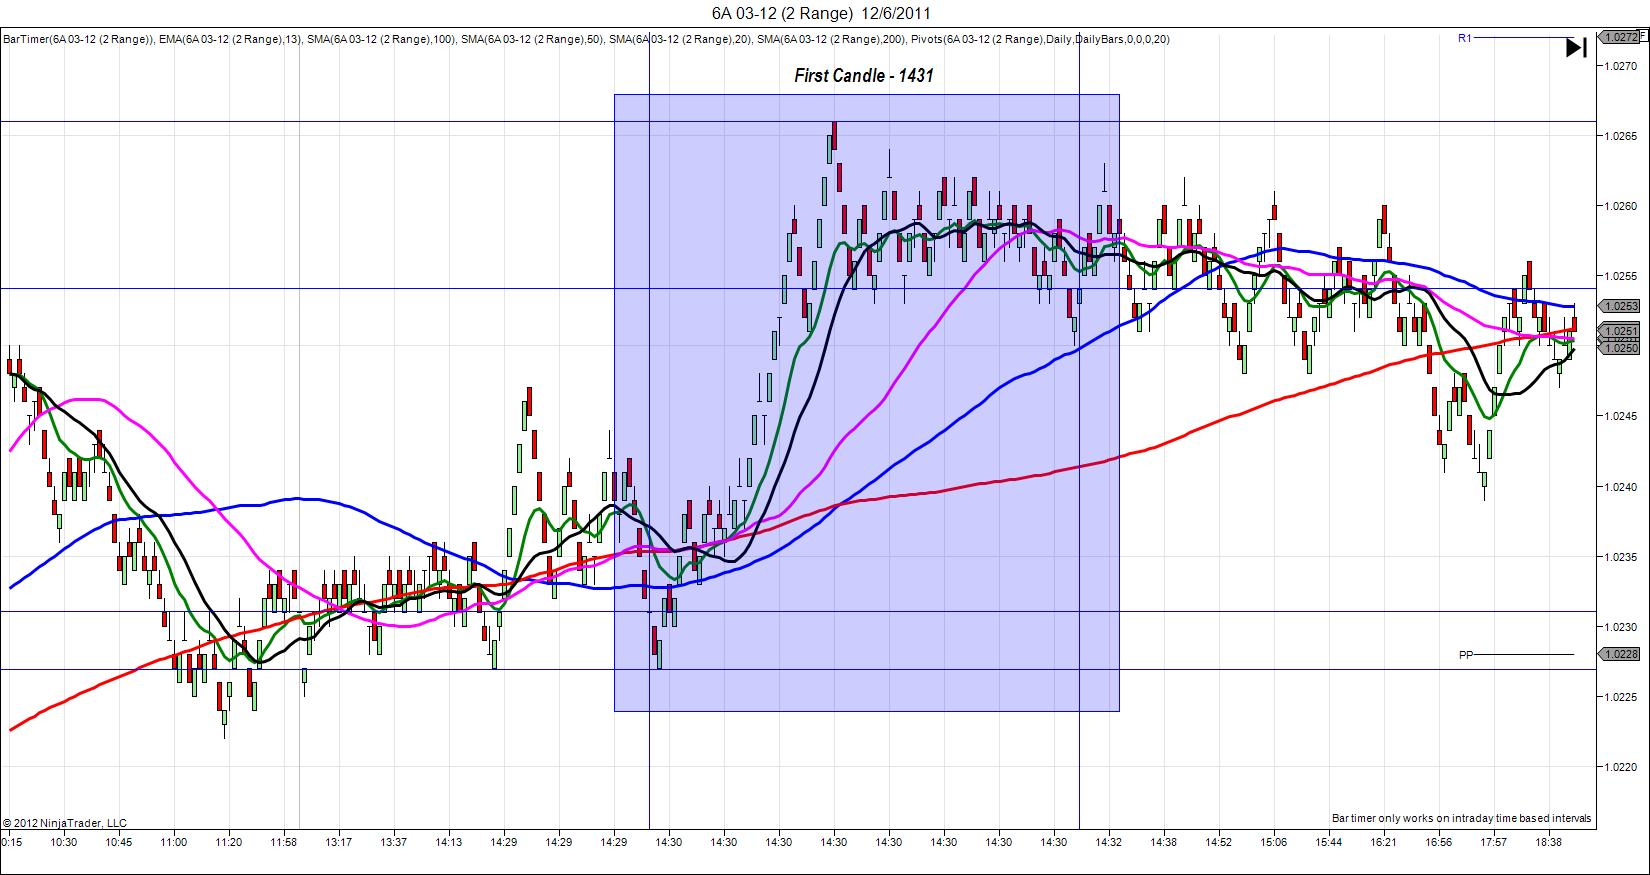 6A 03 12 (2 Range) 12.06.11